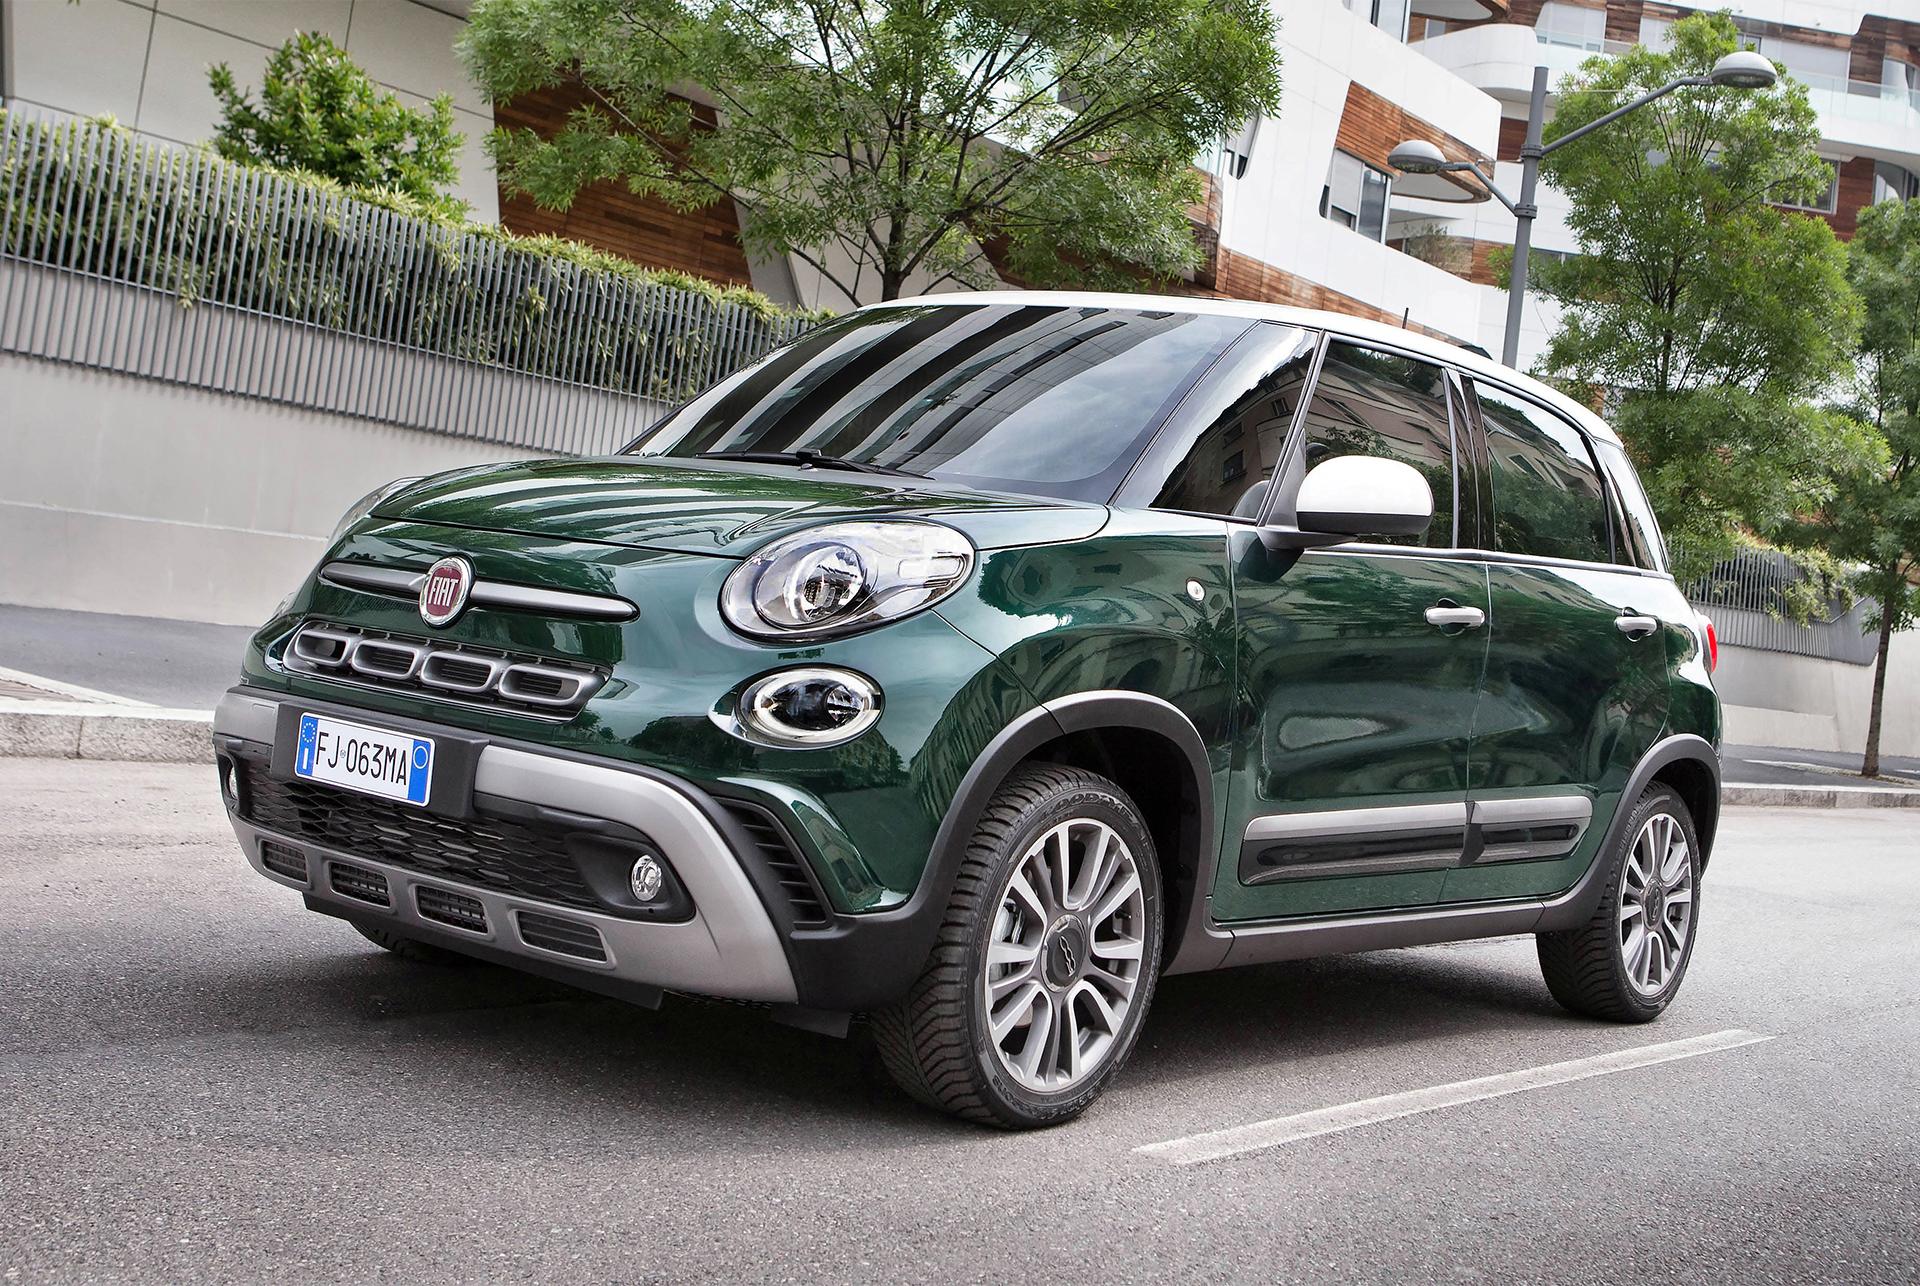 """W 2012 r. Włosi wyszli naprzeciw wszystkim, którzy poszukują stylowego auta, ale potrzebują czegoś więcej. Z długością przekraczającą 4,2 m Fiat 500L to praktyczny i pakowny minivan. Po prostu """"Pięćsetka"""" idealna dla rodziny. Fot. Materiały Partnera"""